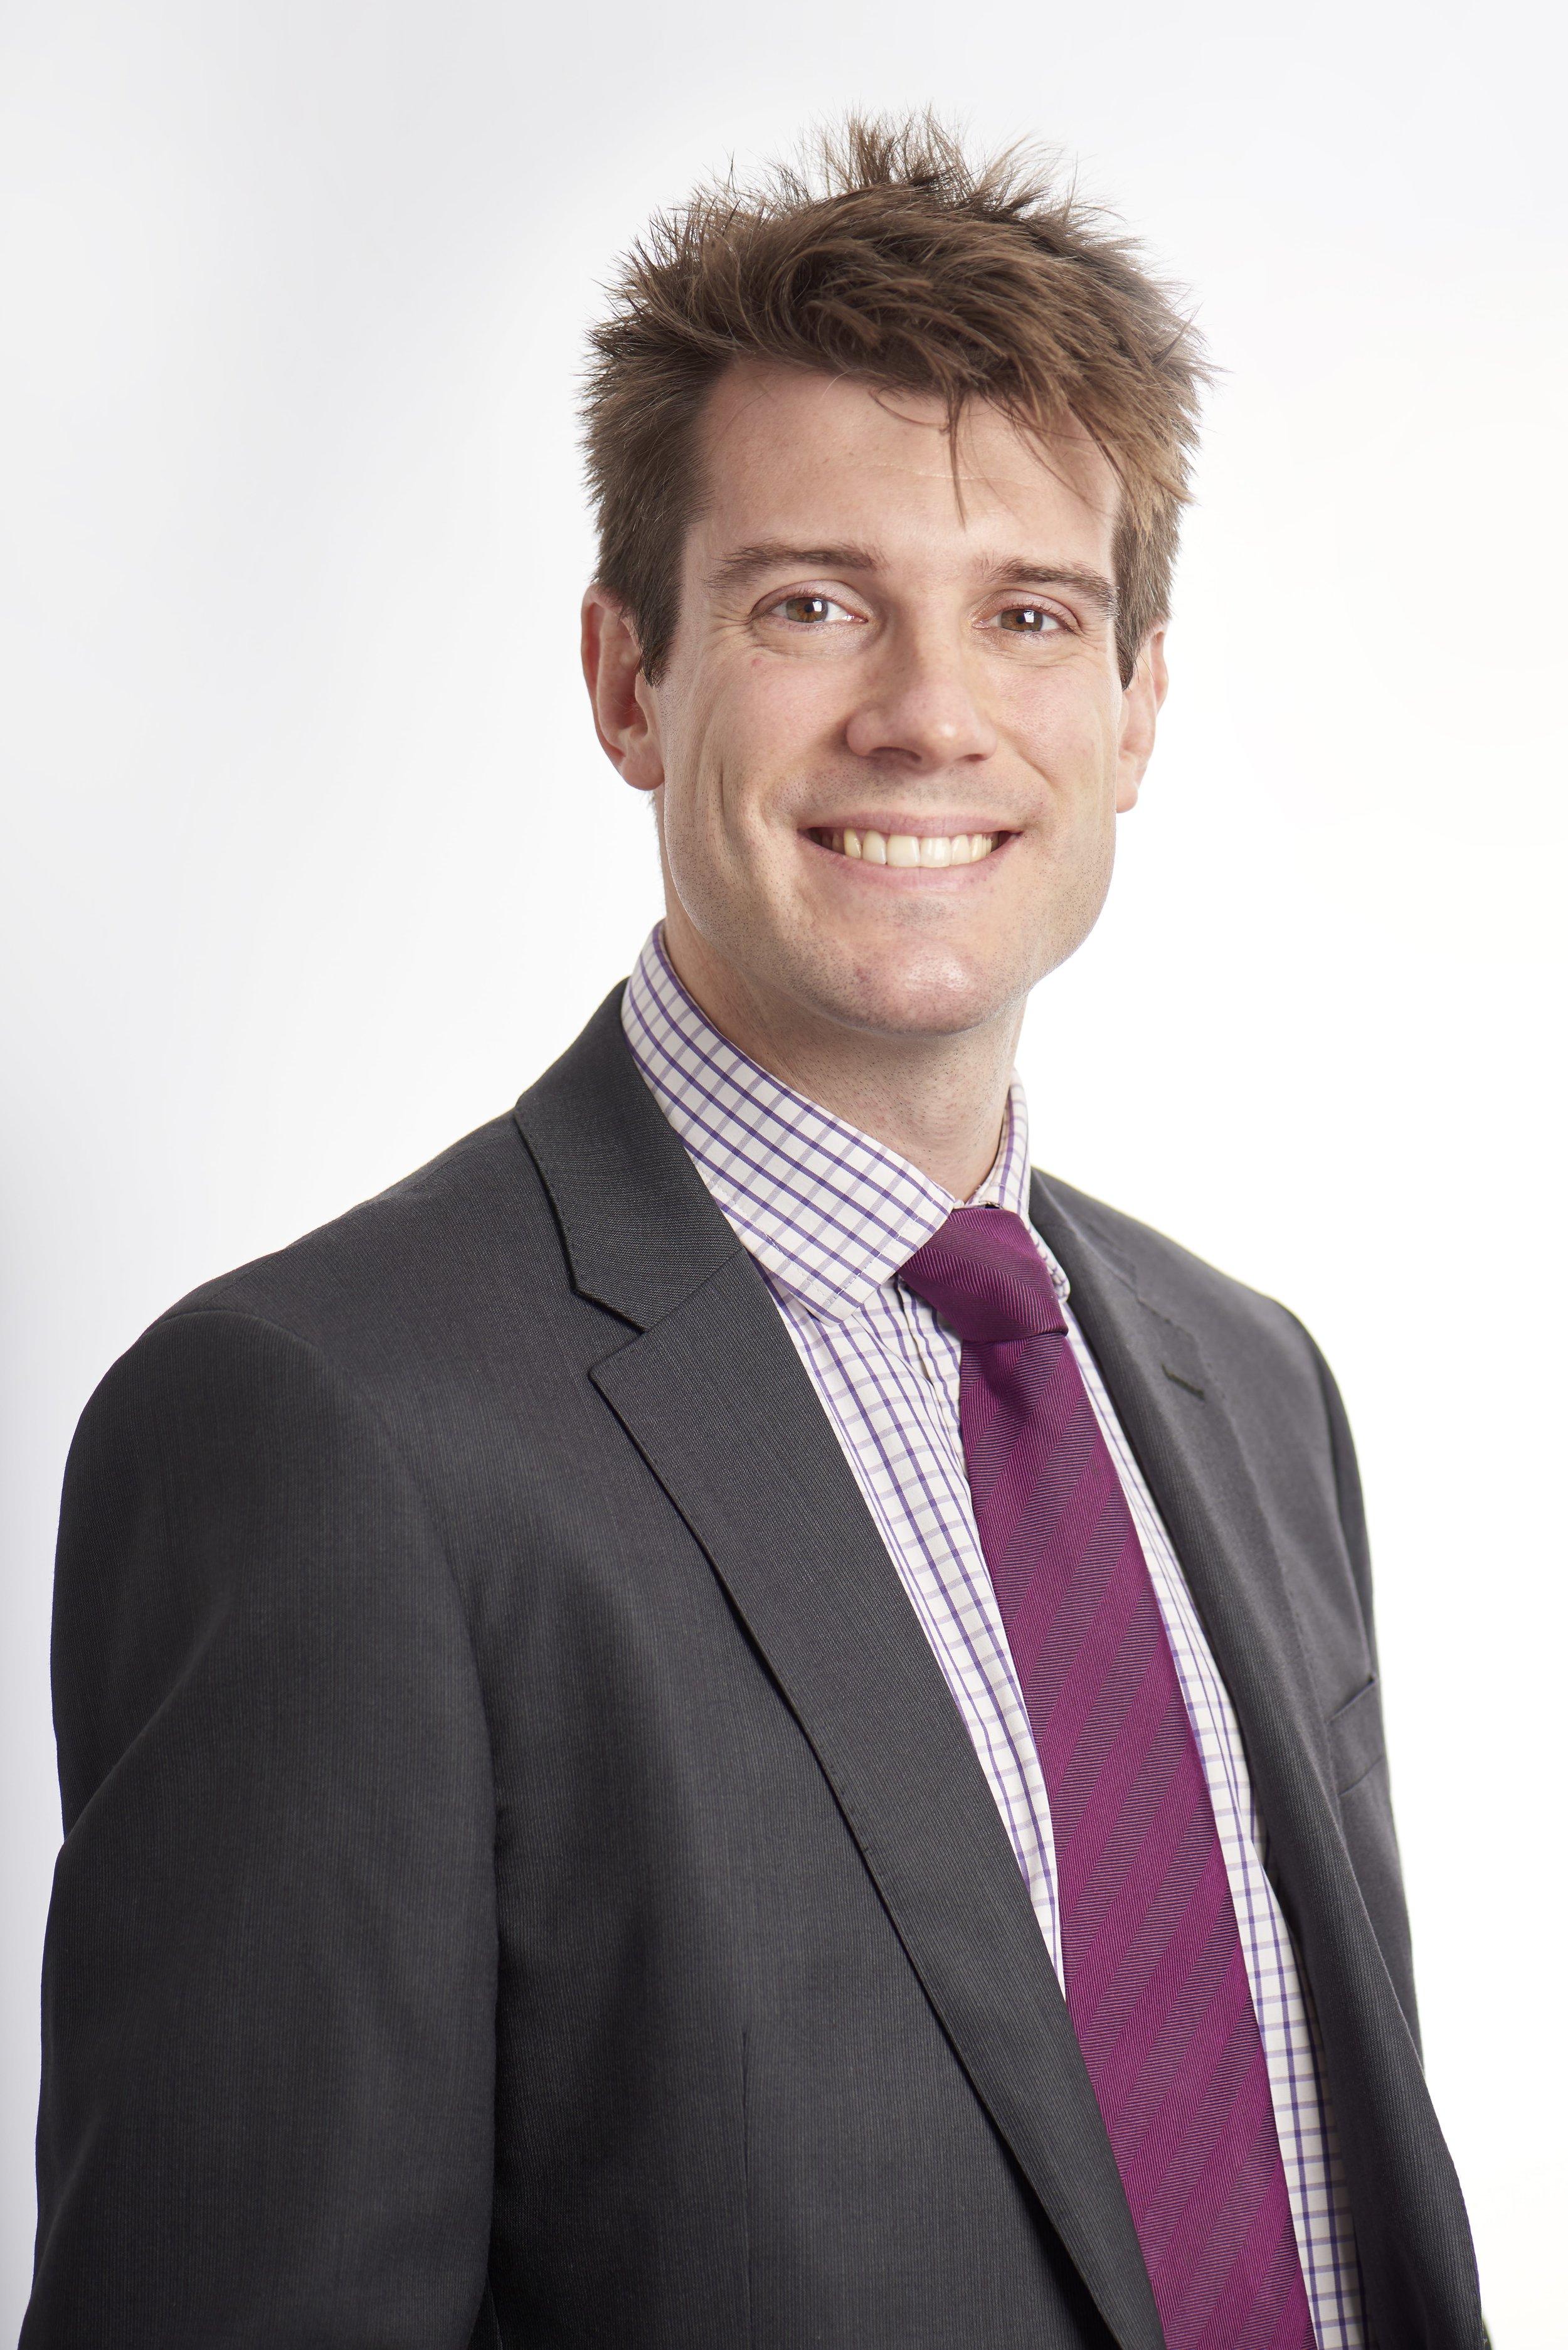 Owen Marsden